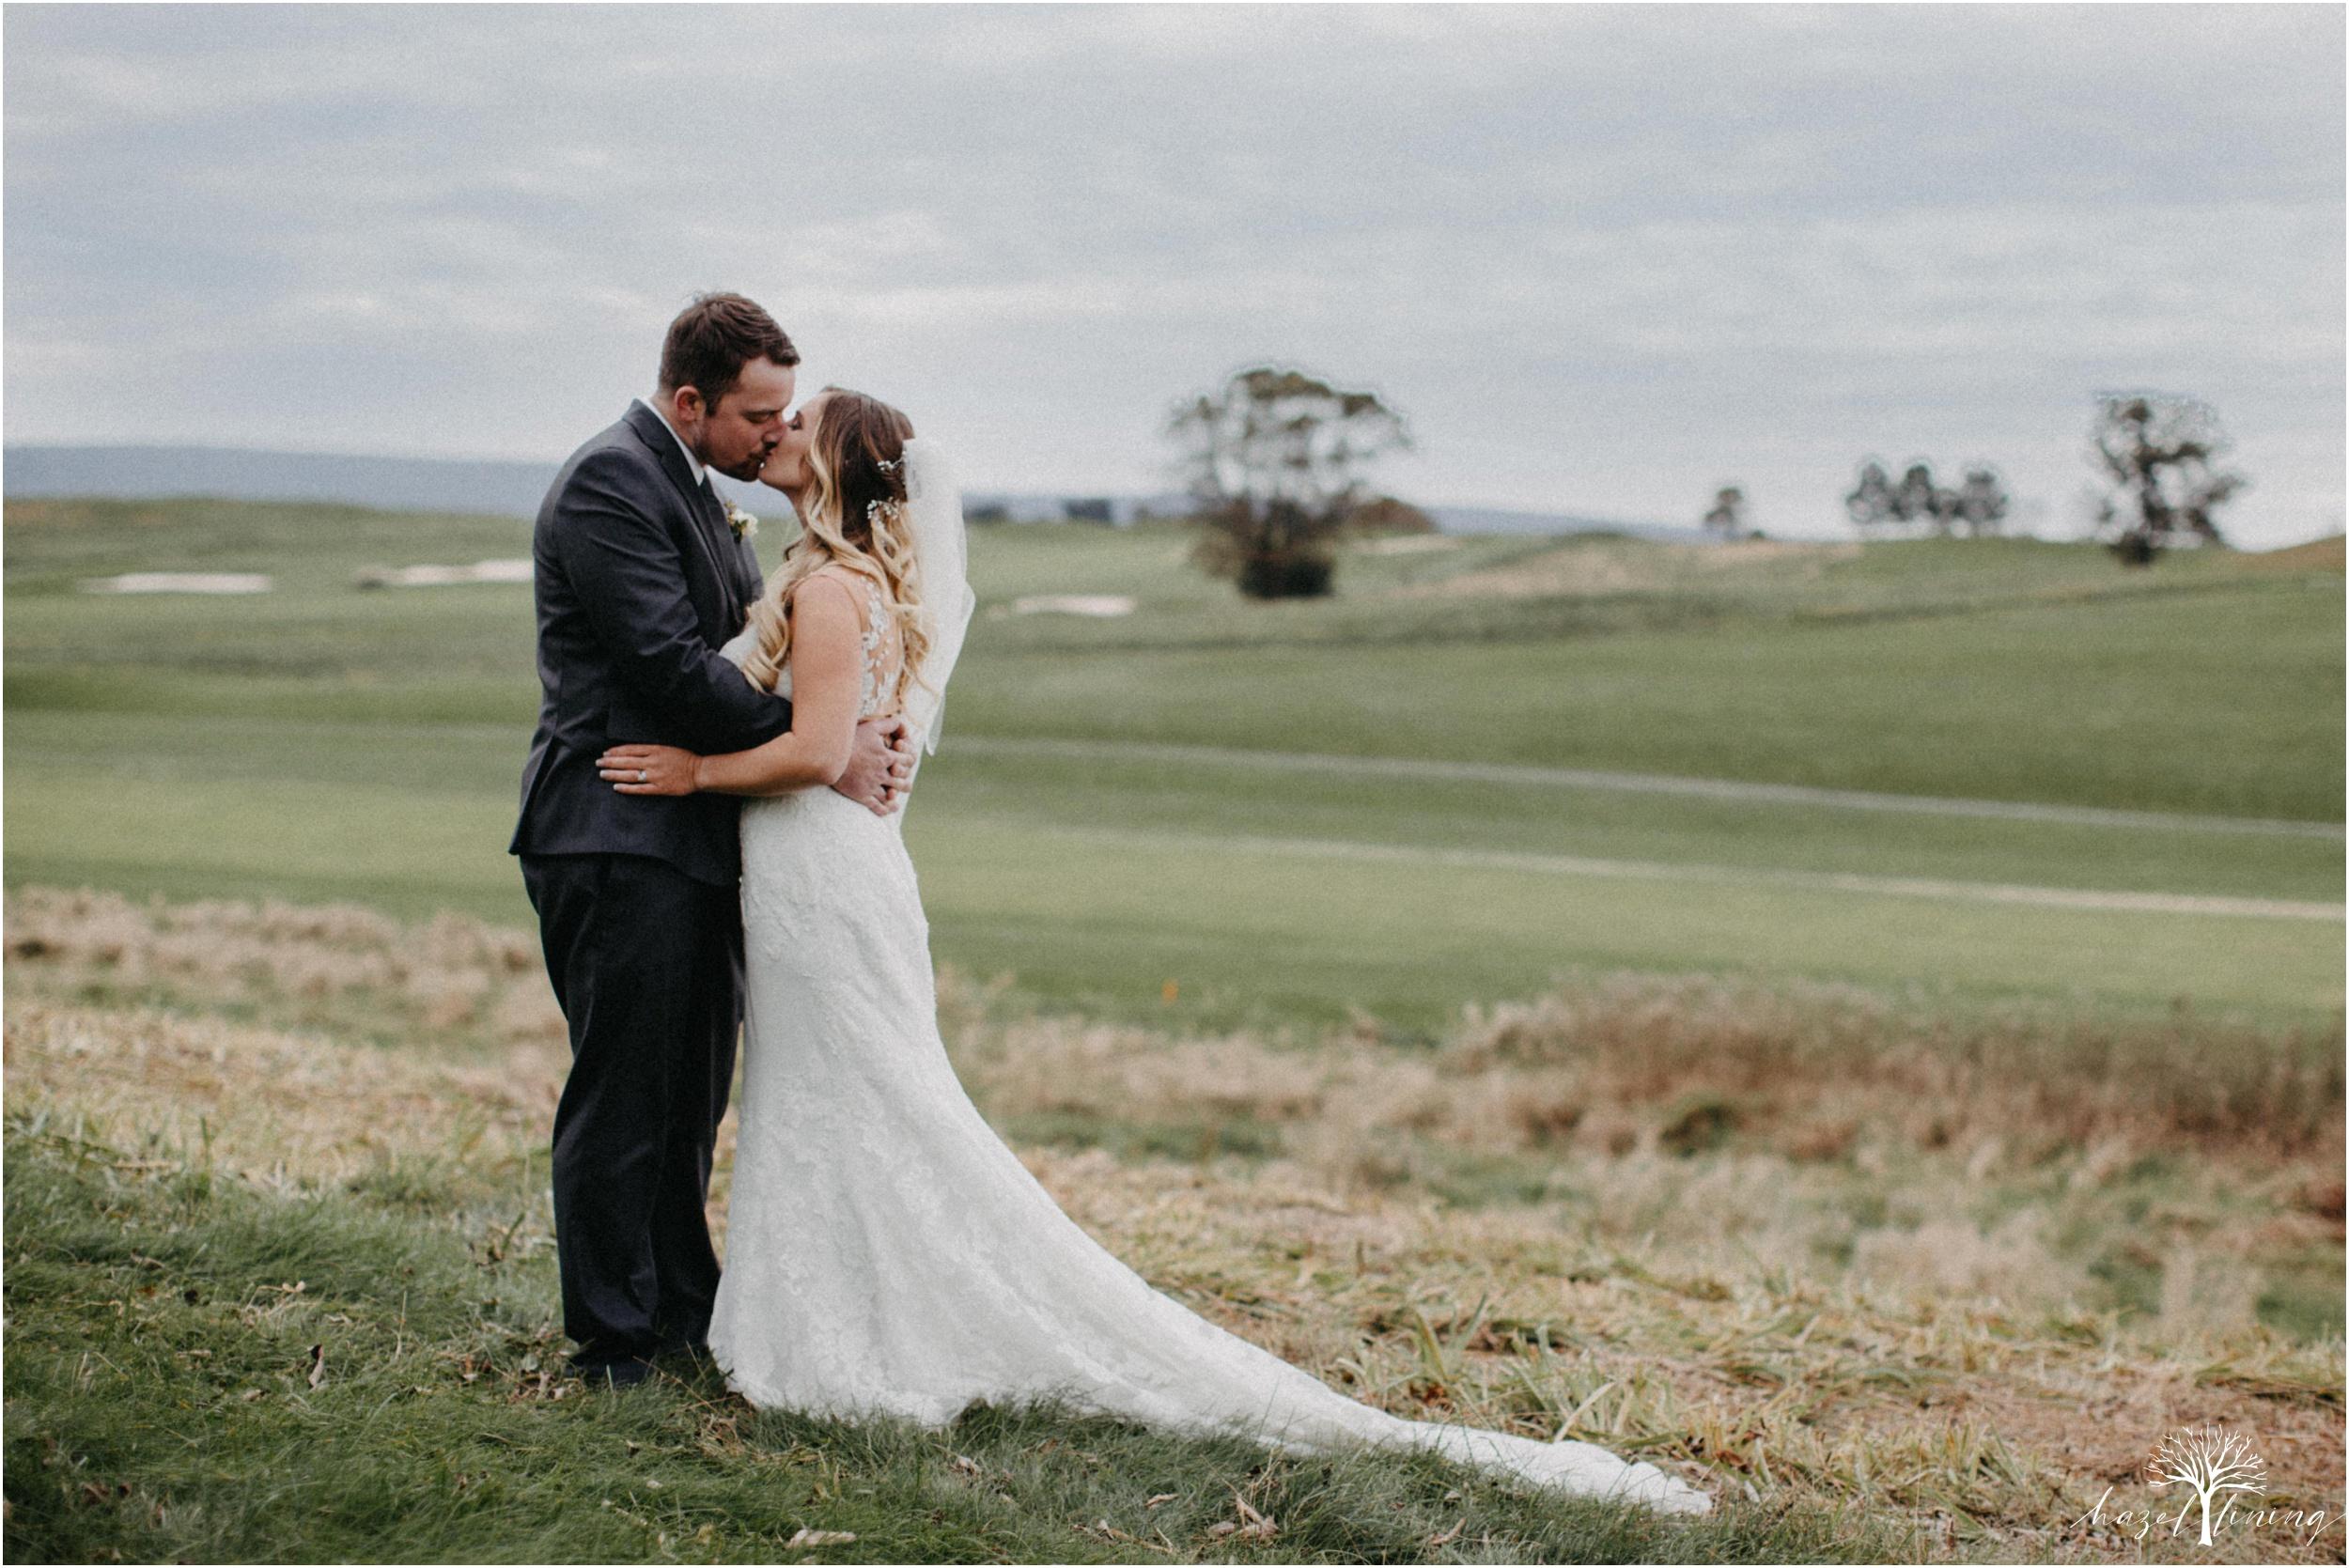 jessie-martin-zach-umlauf-olde-homestead-golfclub-outdoor-autumn-wedding_0120.jpg